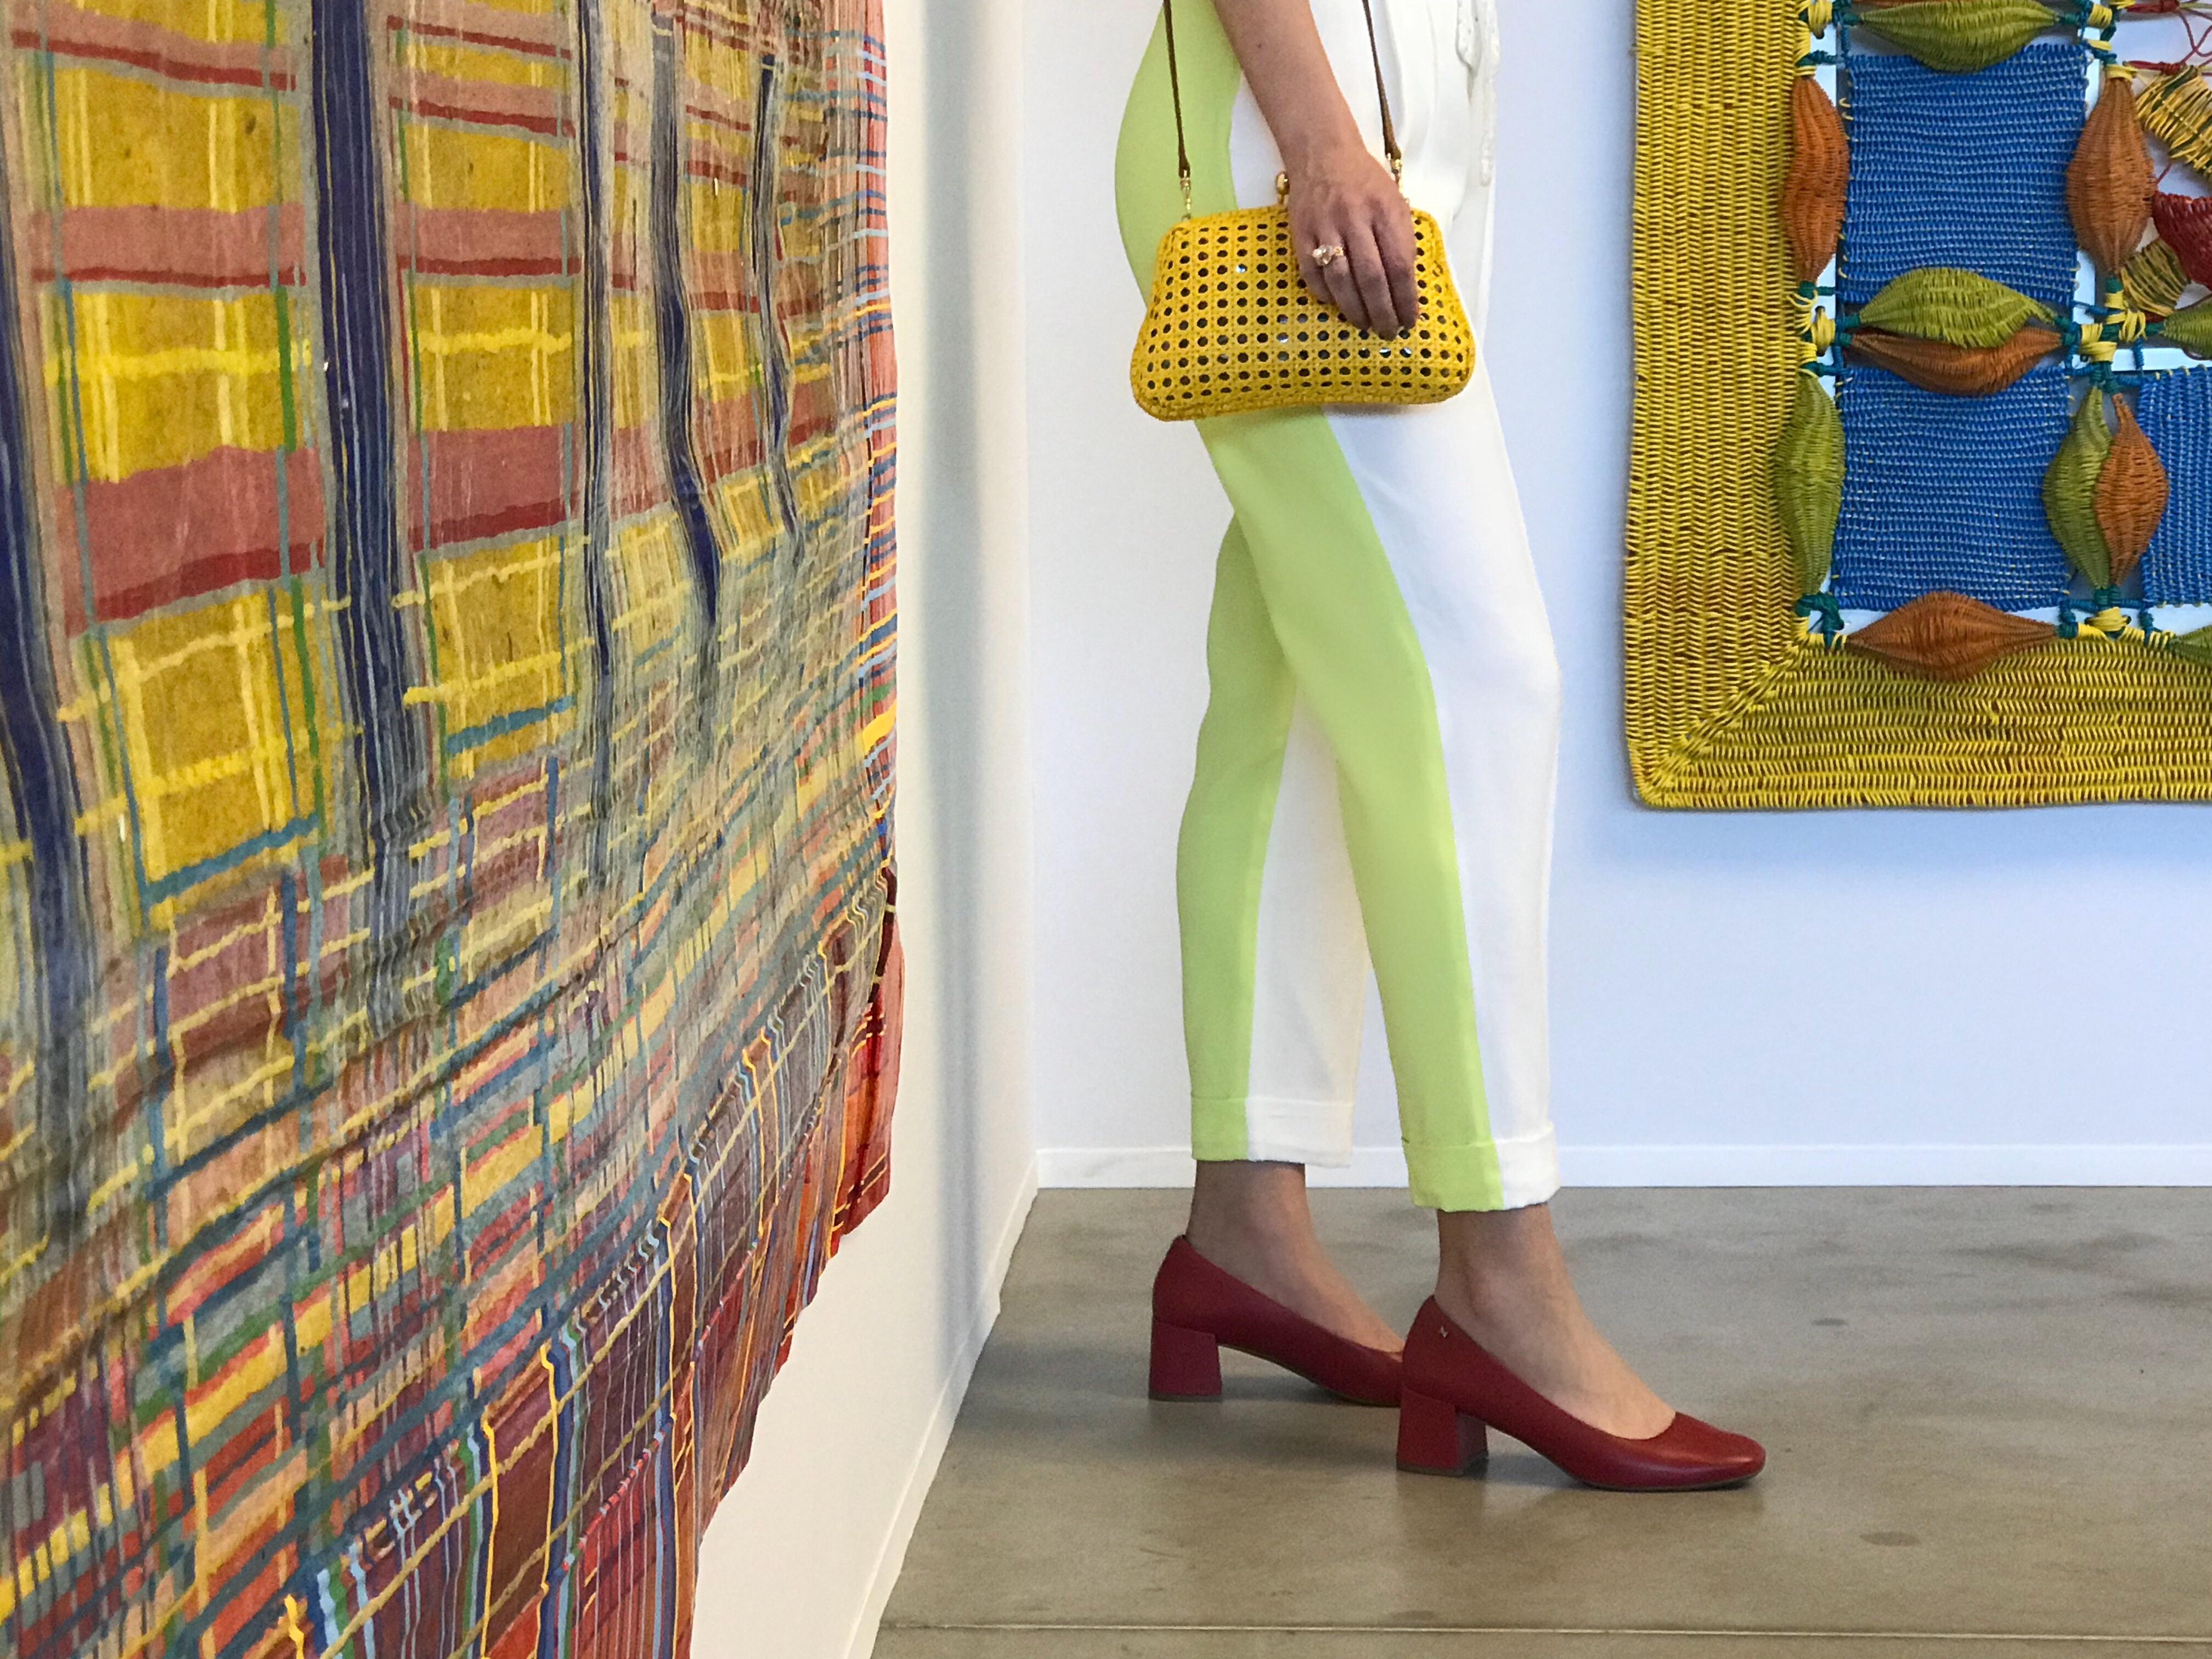 1 Scarpin Vermelho para 5 Looks! Conheça as escolhas para os principais eventos de arte